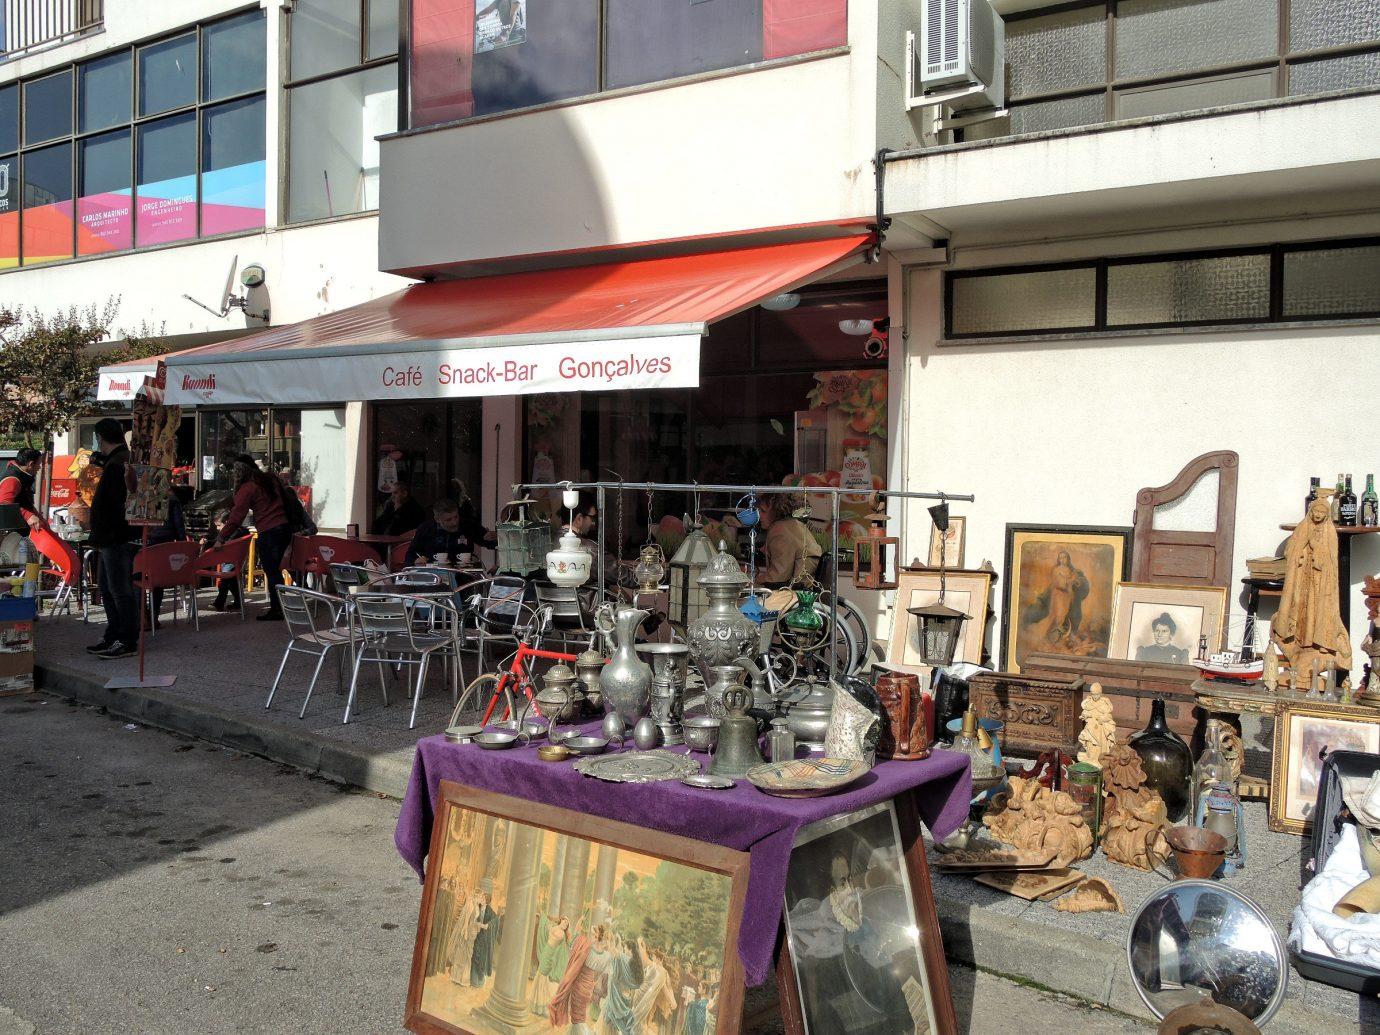 Trip Ideas building outdoor City public space market restaurant